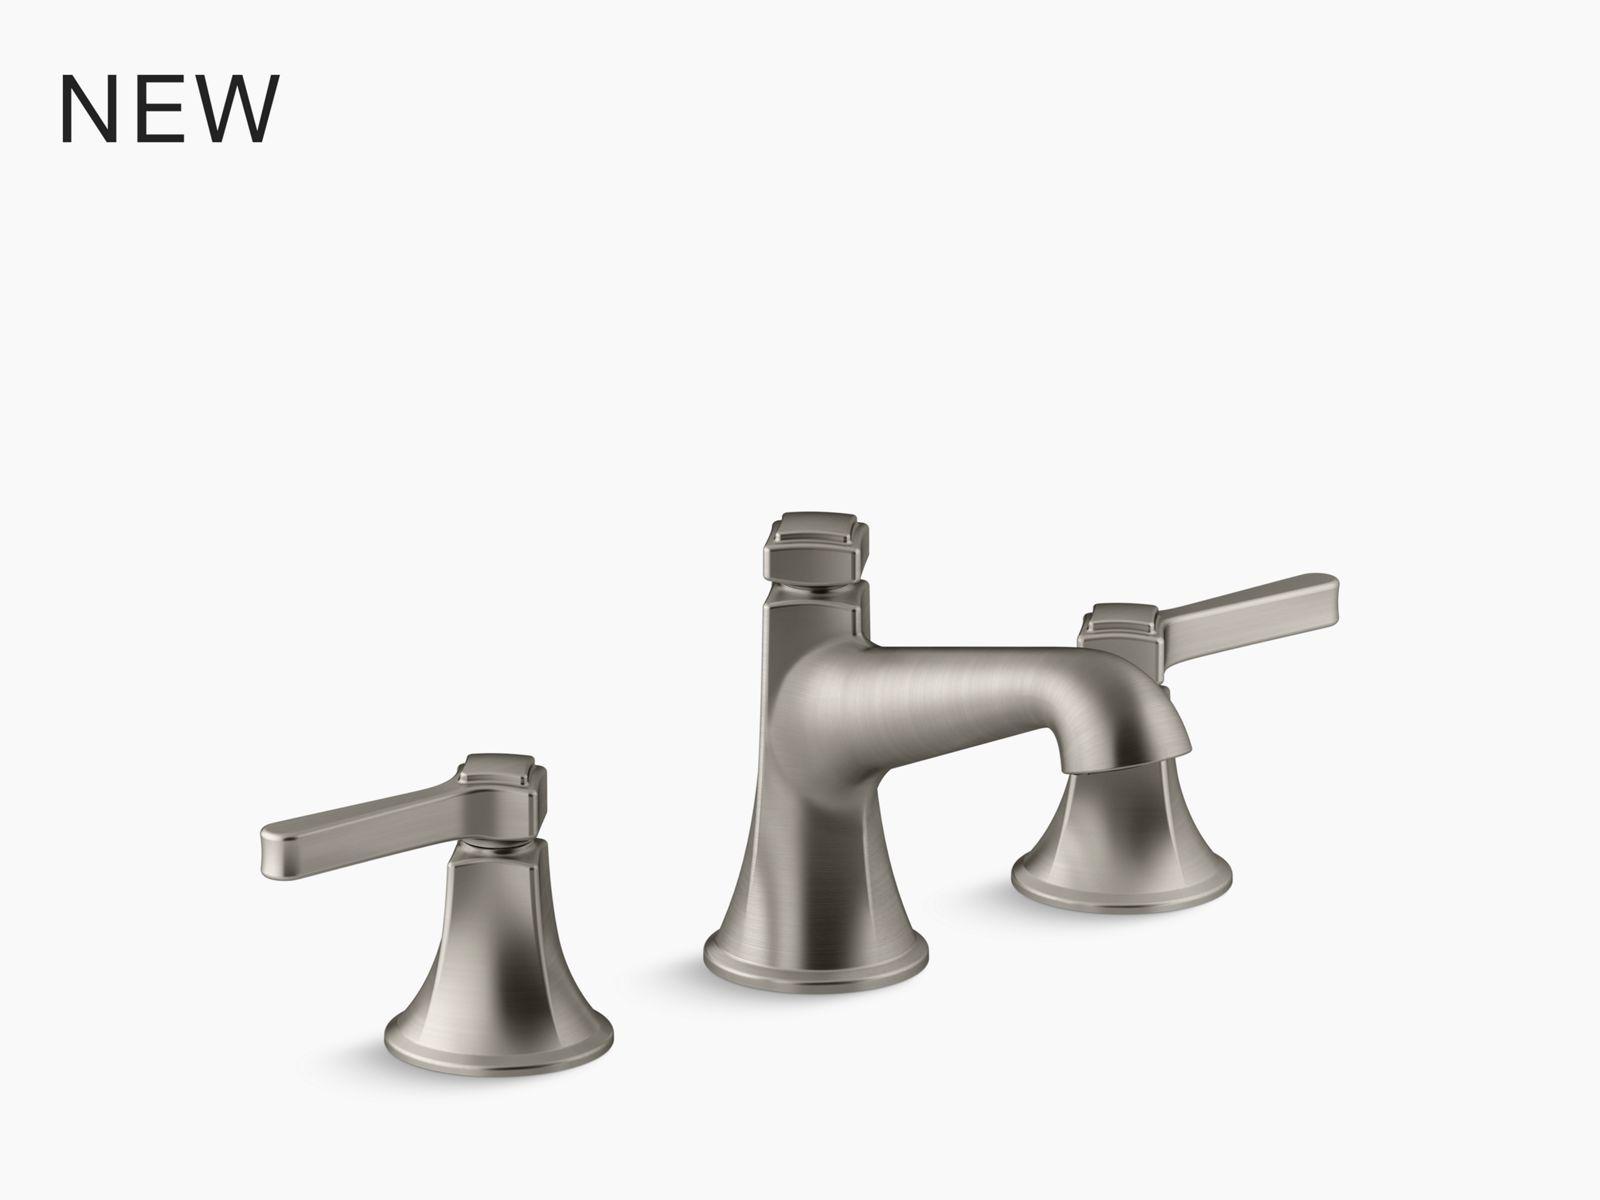 stillness shower arm and flange